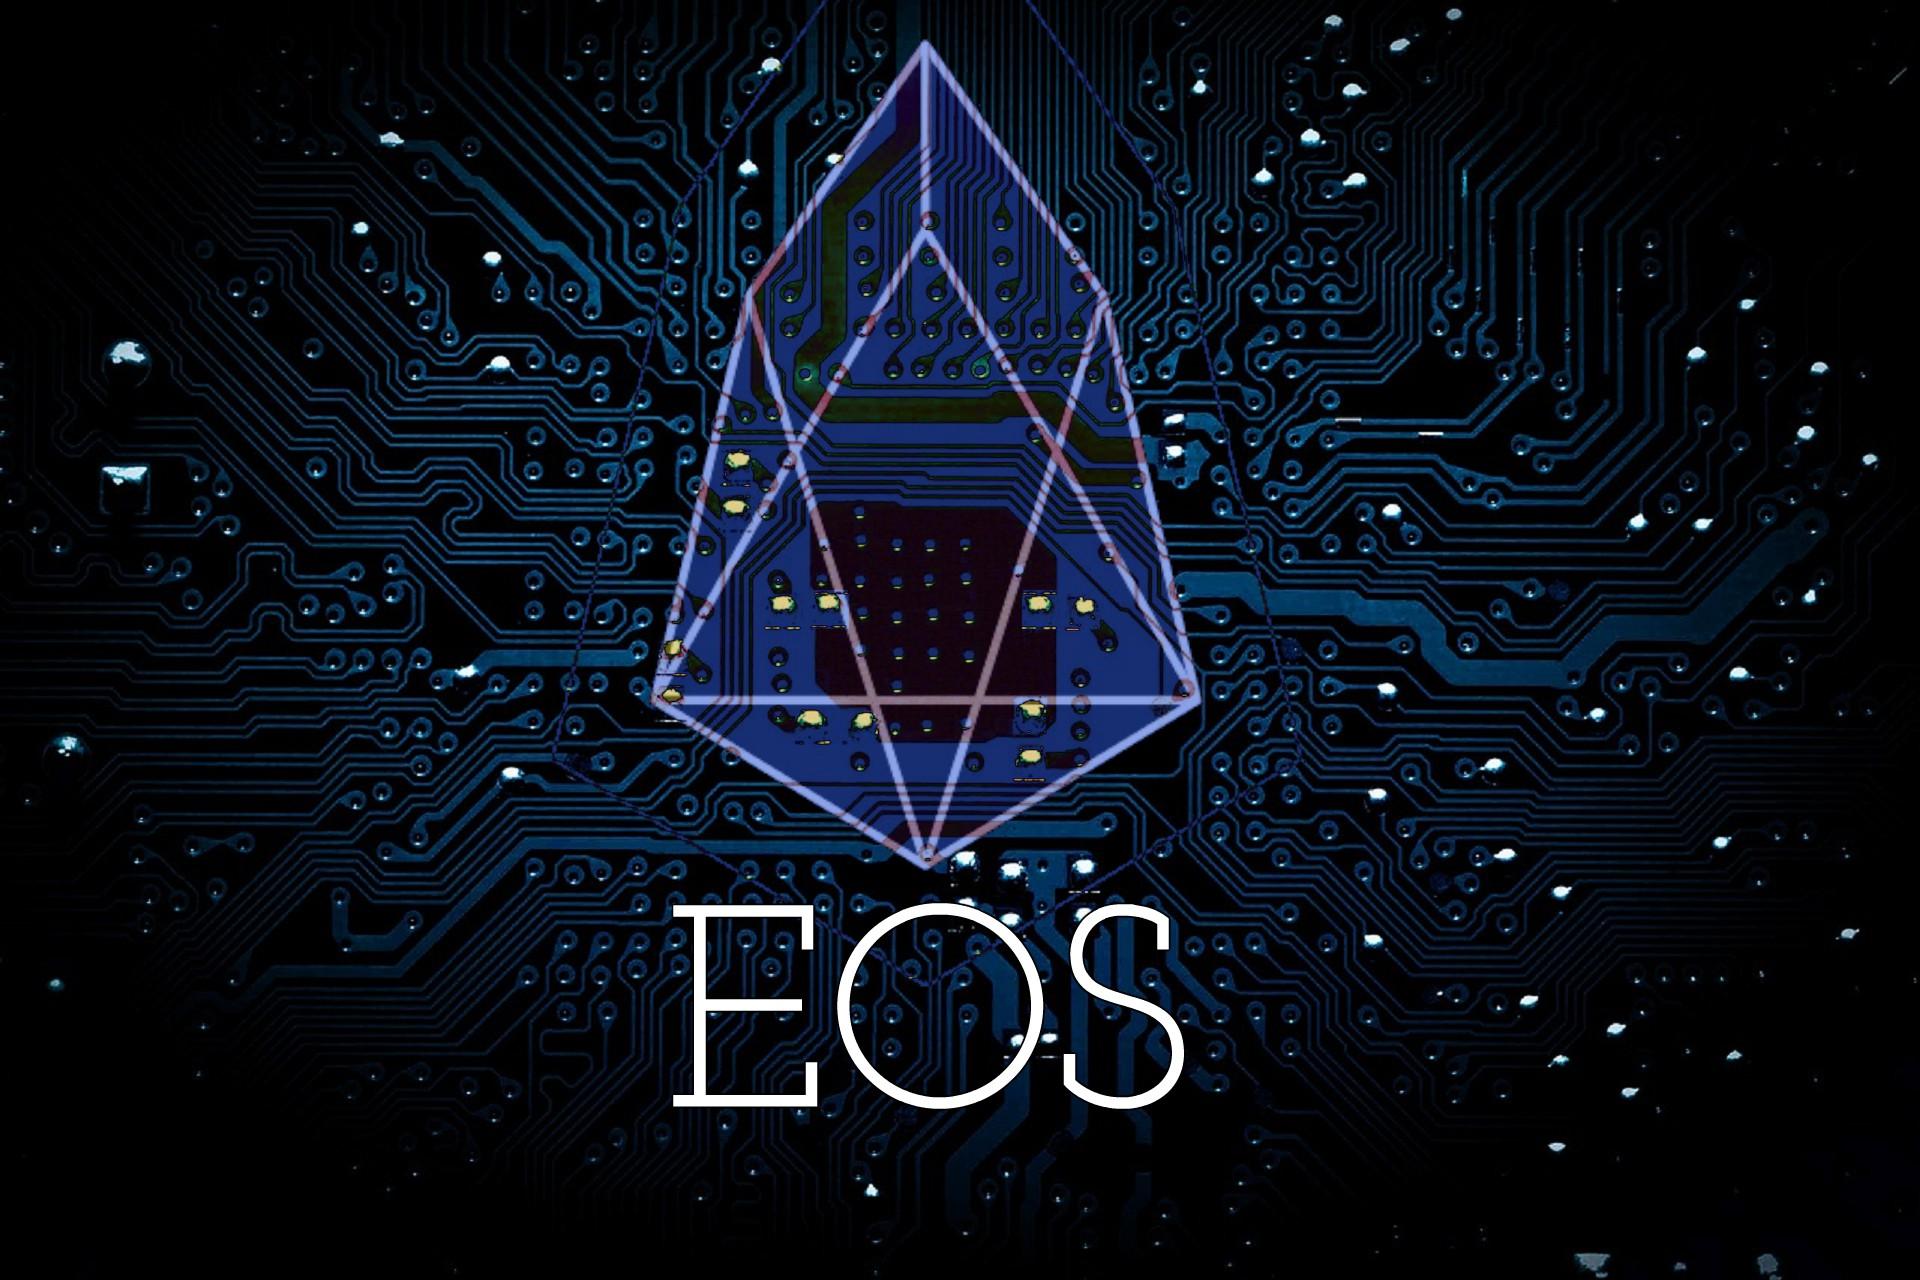 Исследование: EOS — это не блокчейн